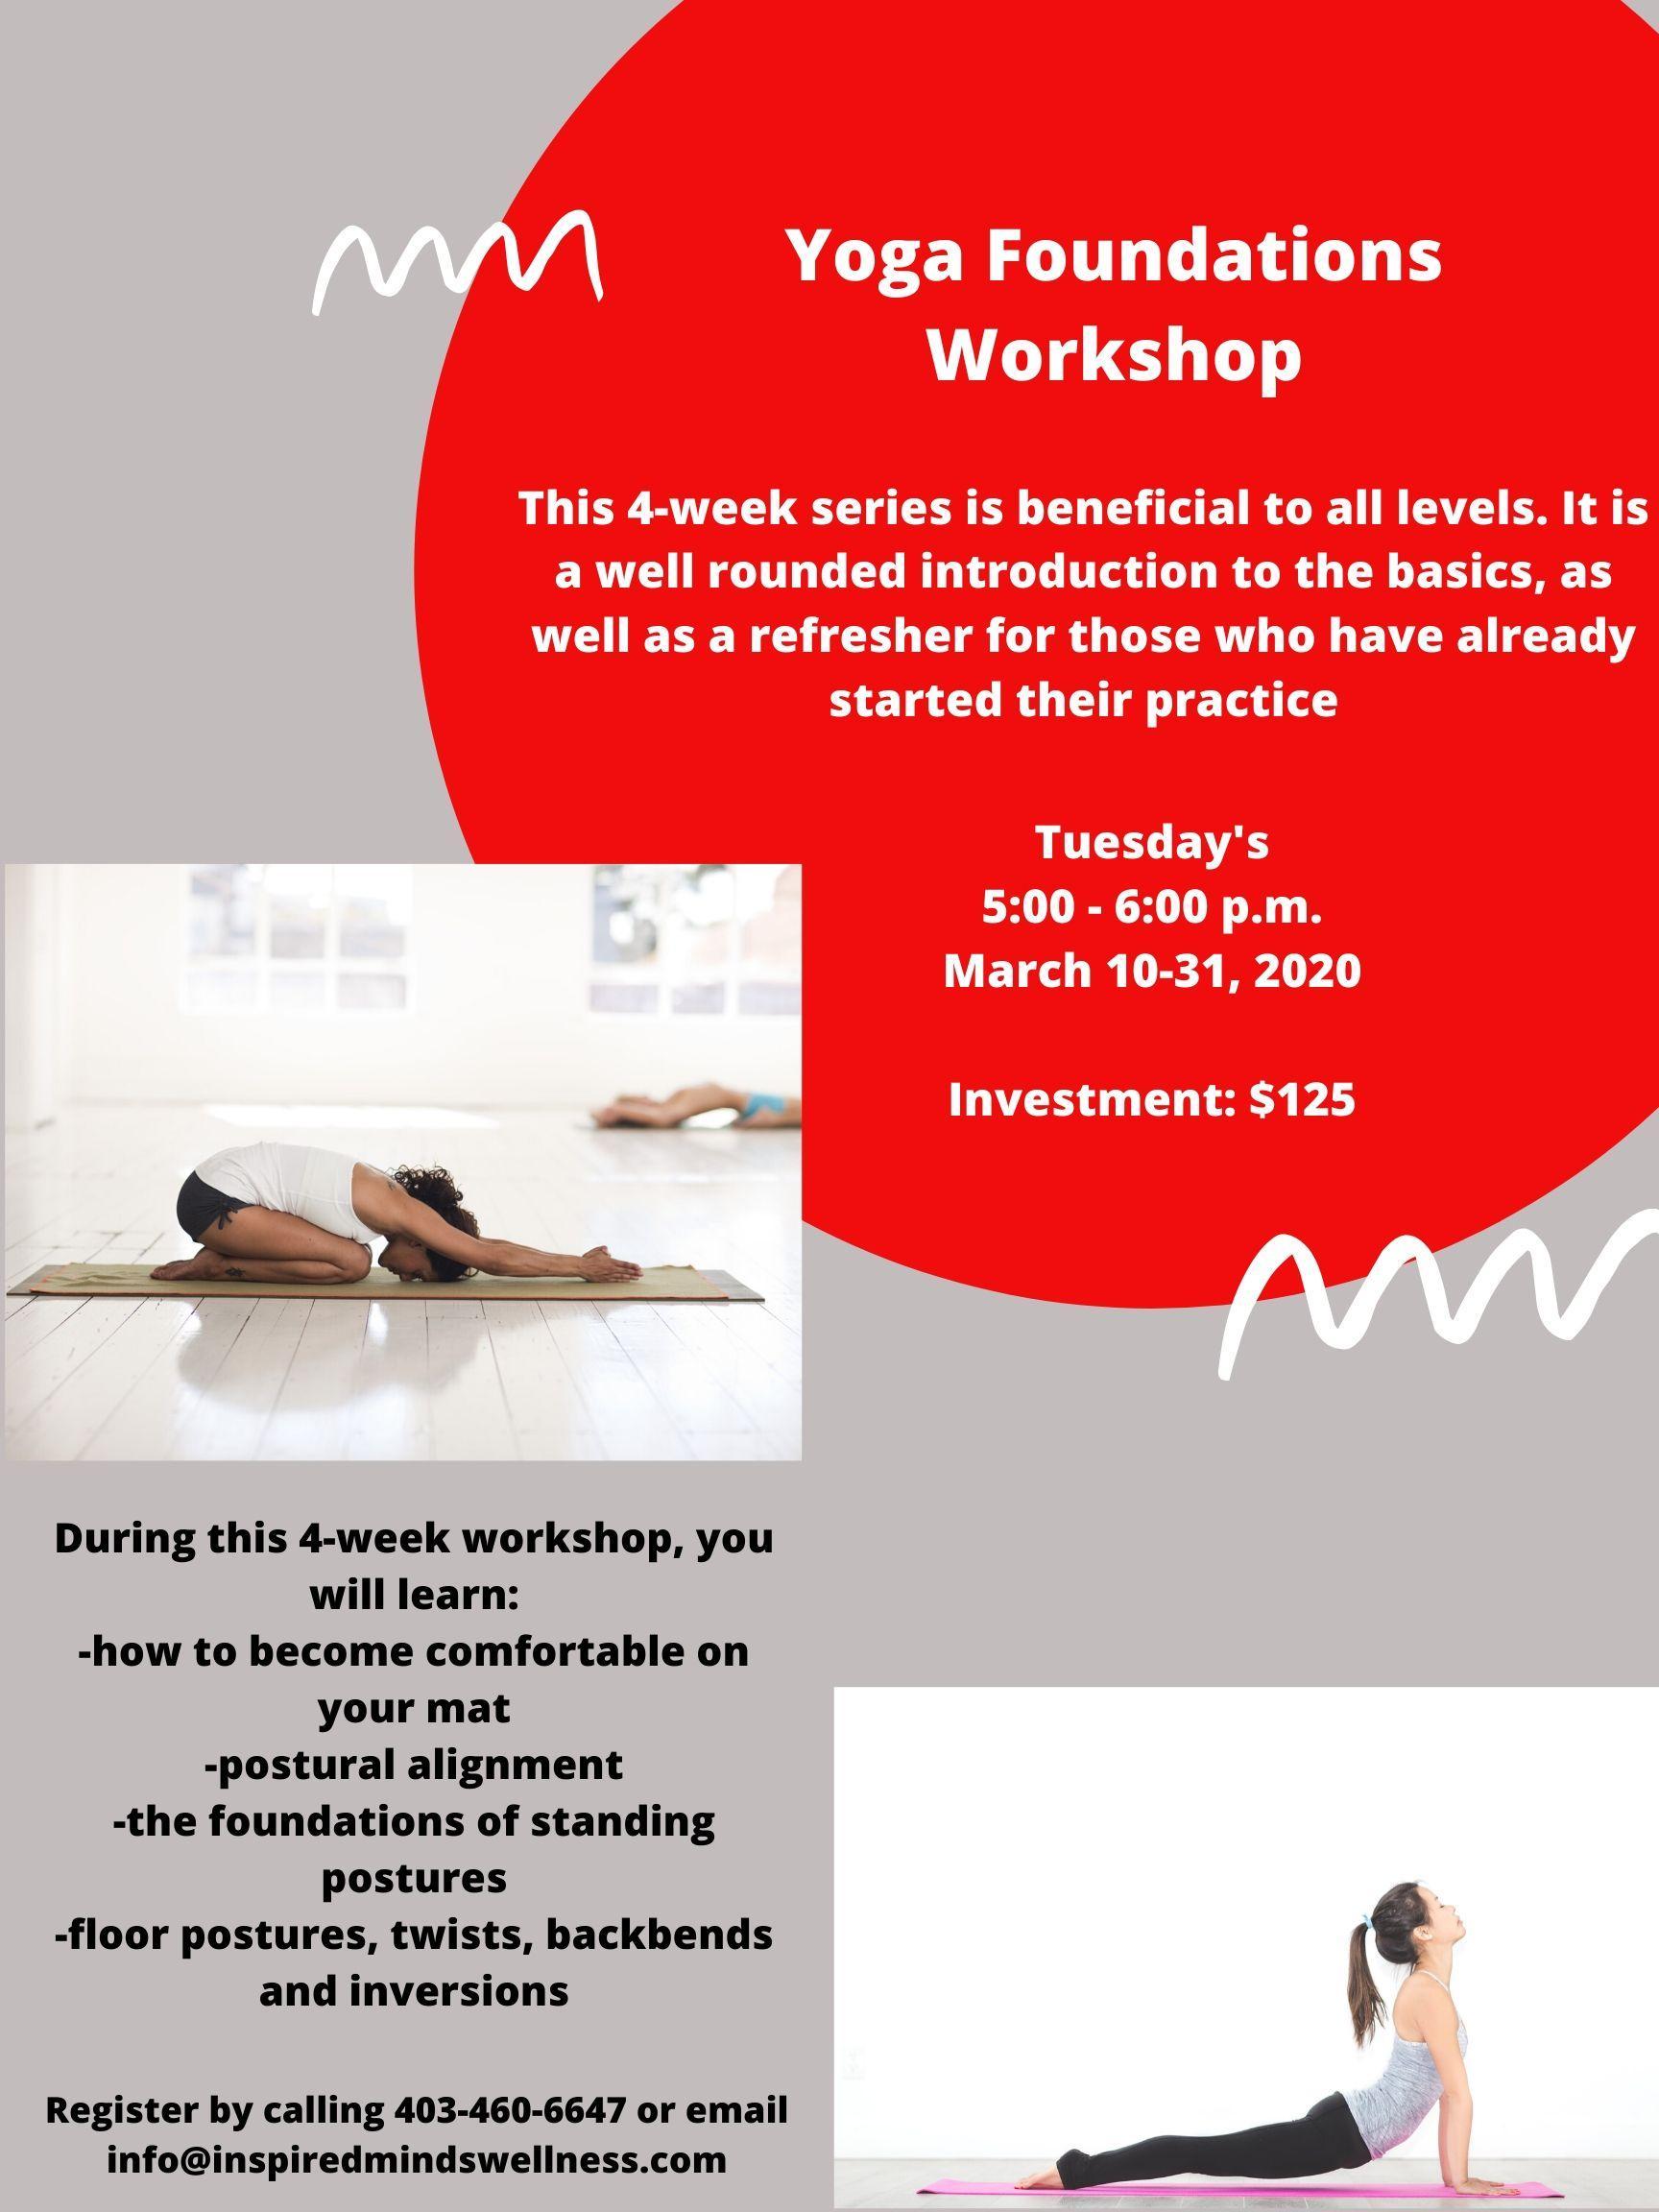 Yoga Foundations Workshop